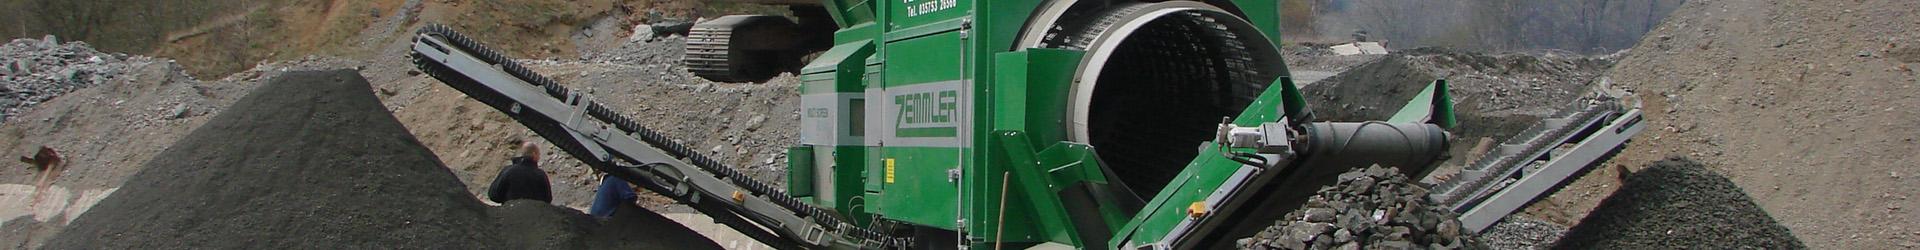 MS4200-Schotter 1290_250